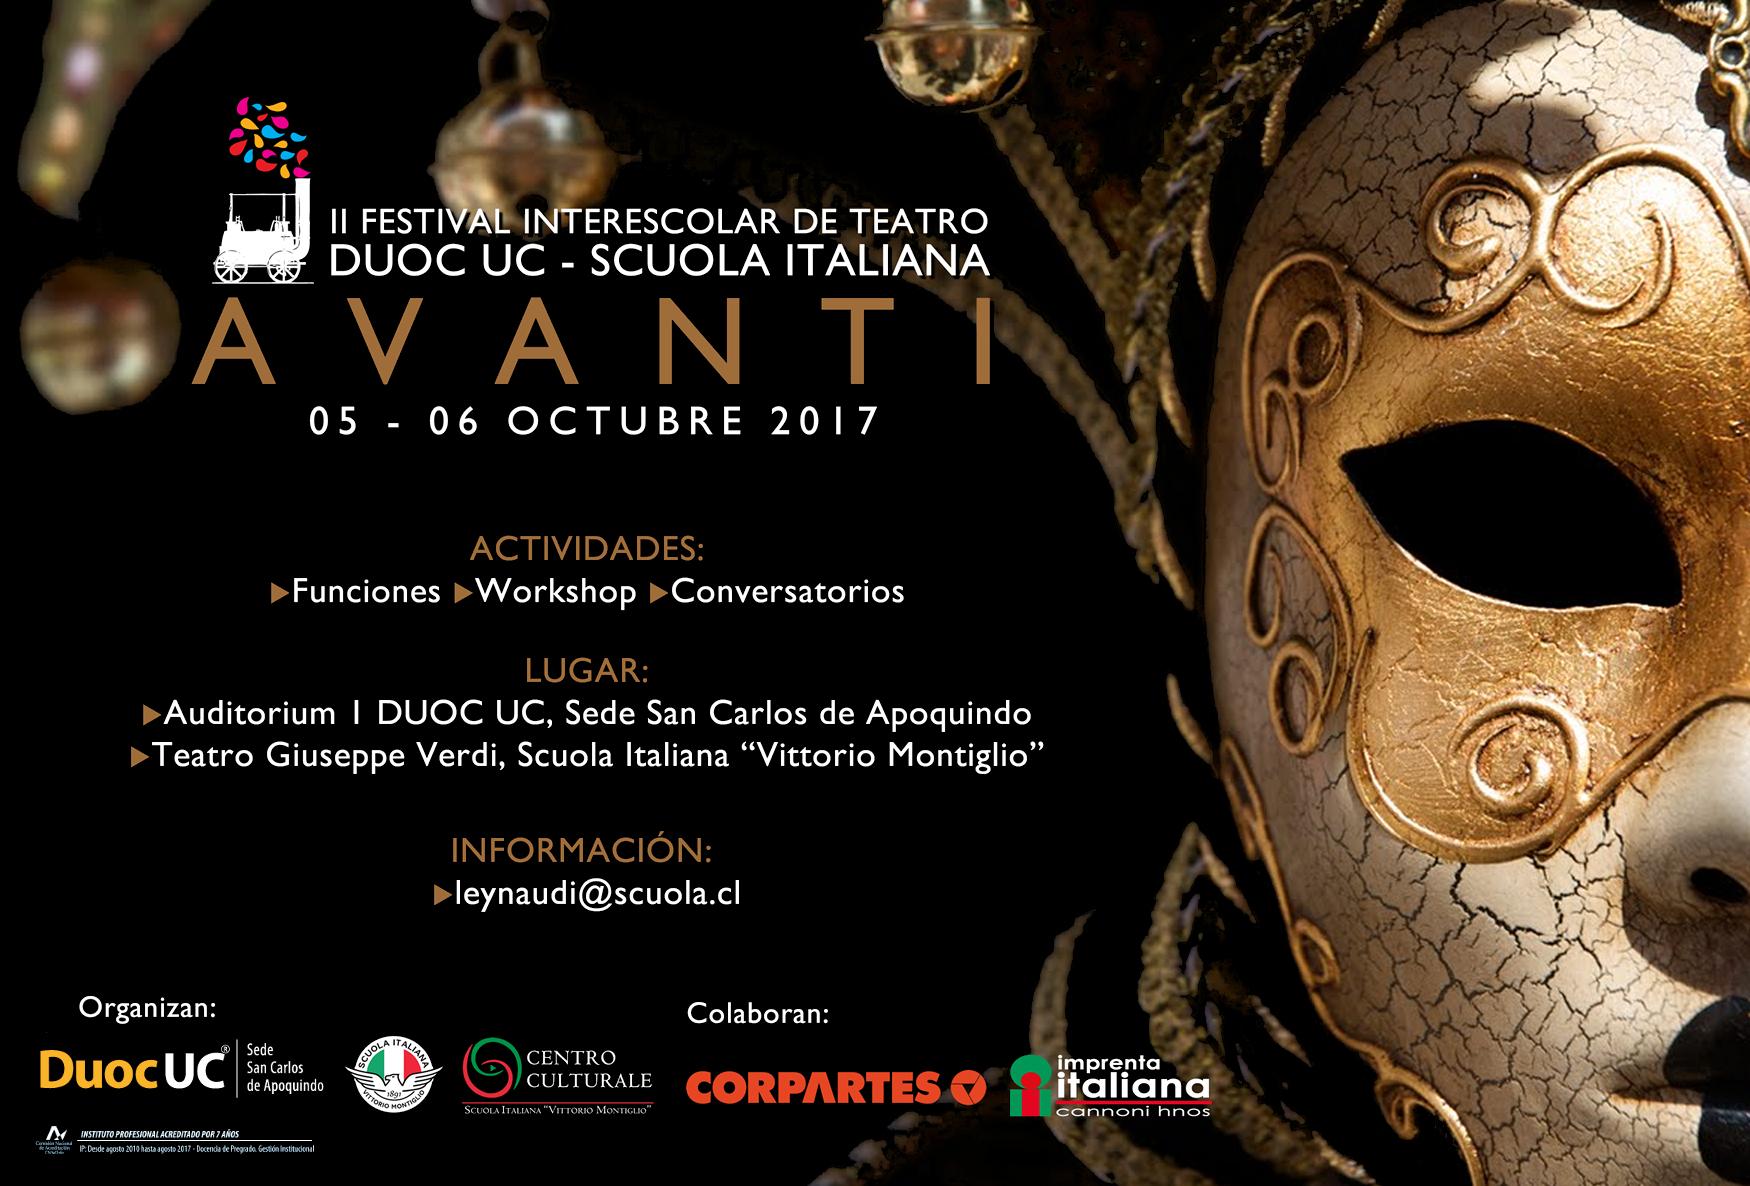 AFICHE AVANTI 2017_nuevo_logo_duoc_2